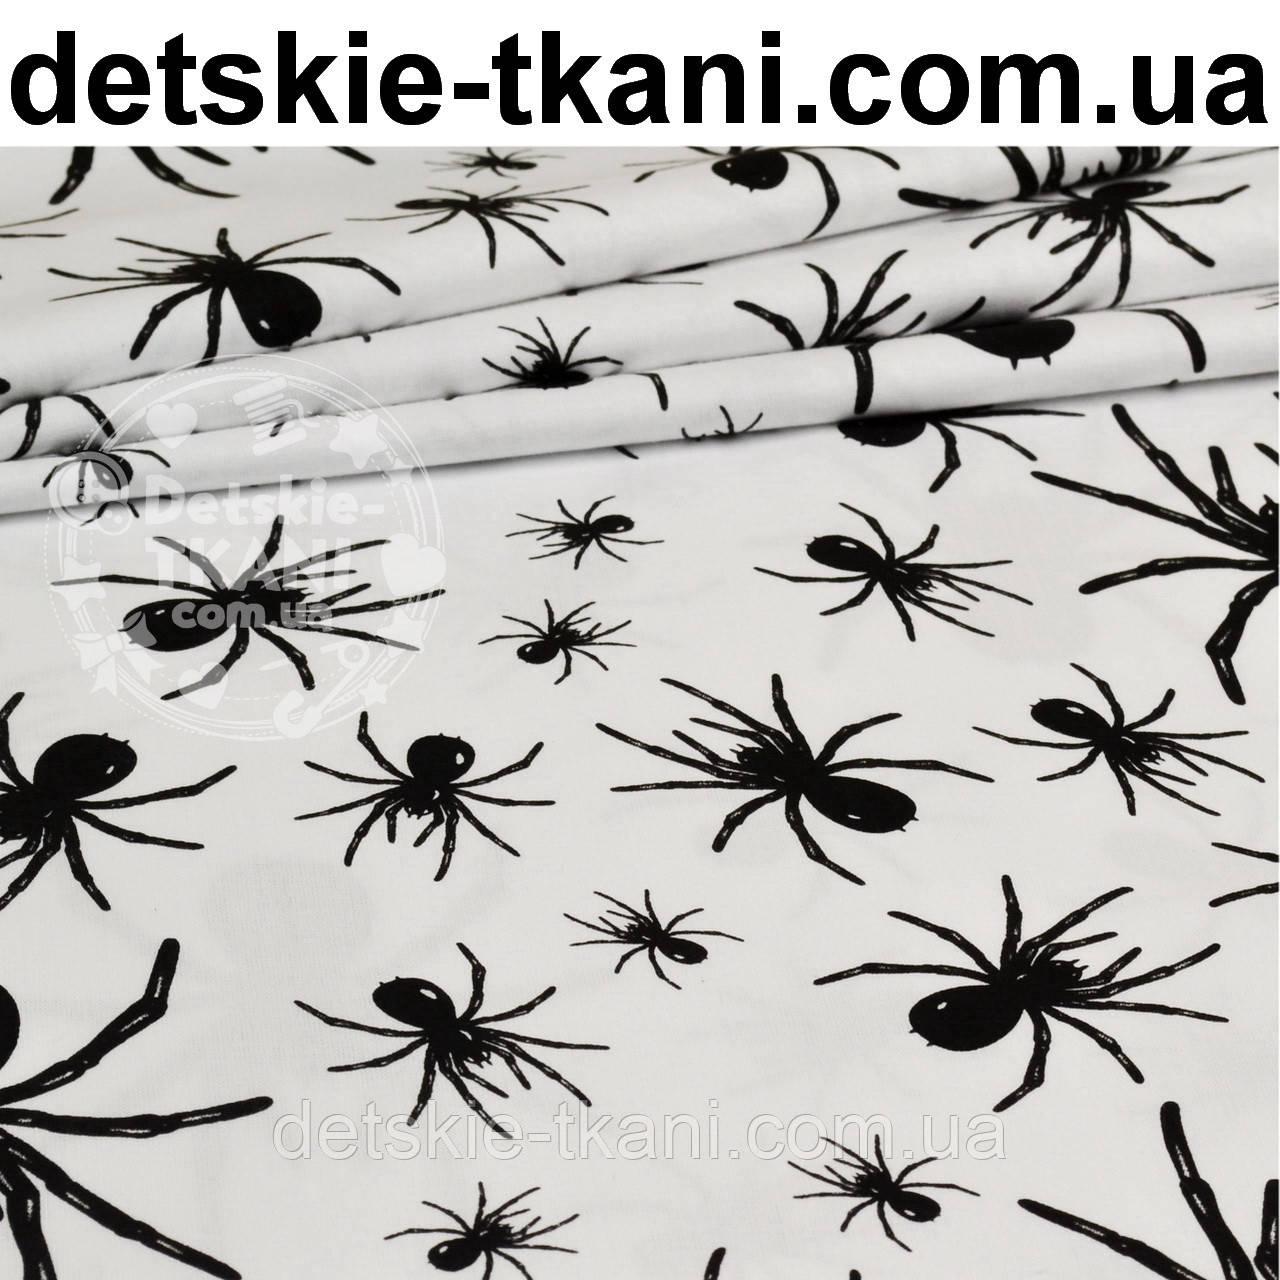 Польская бязь с черными пауками на белом фоне (862) - Детские ткани оптом и в розницу в Волынской области